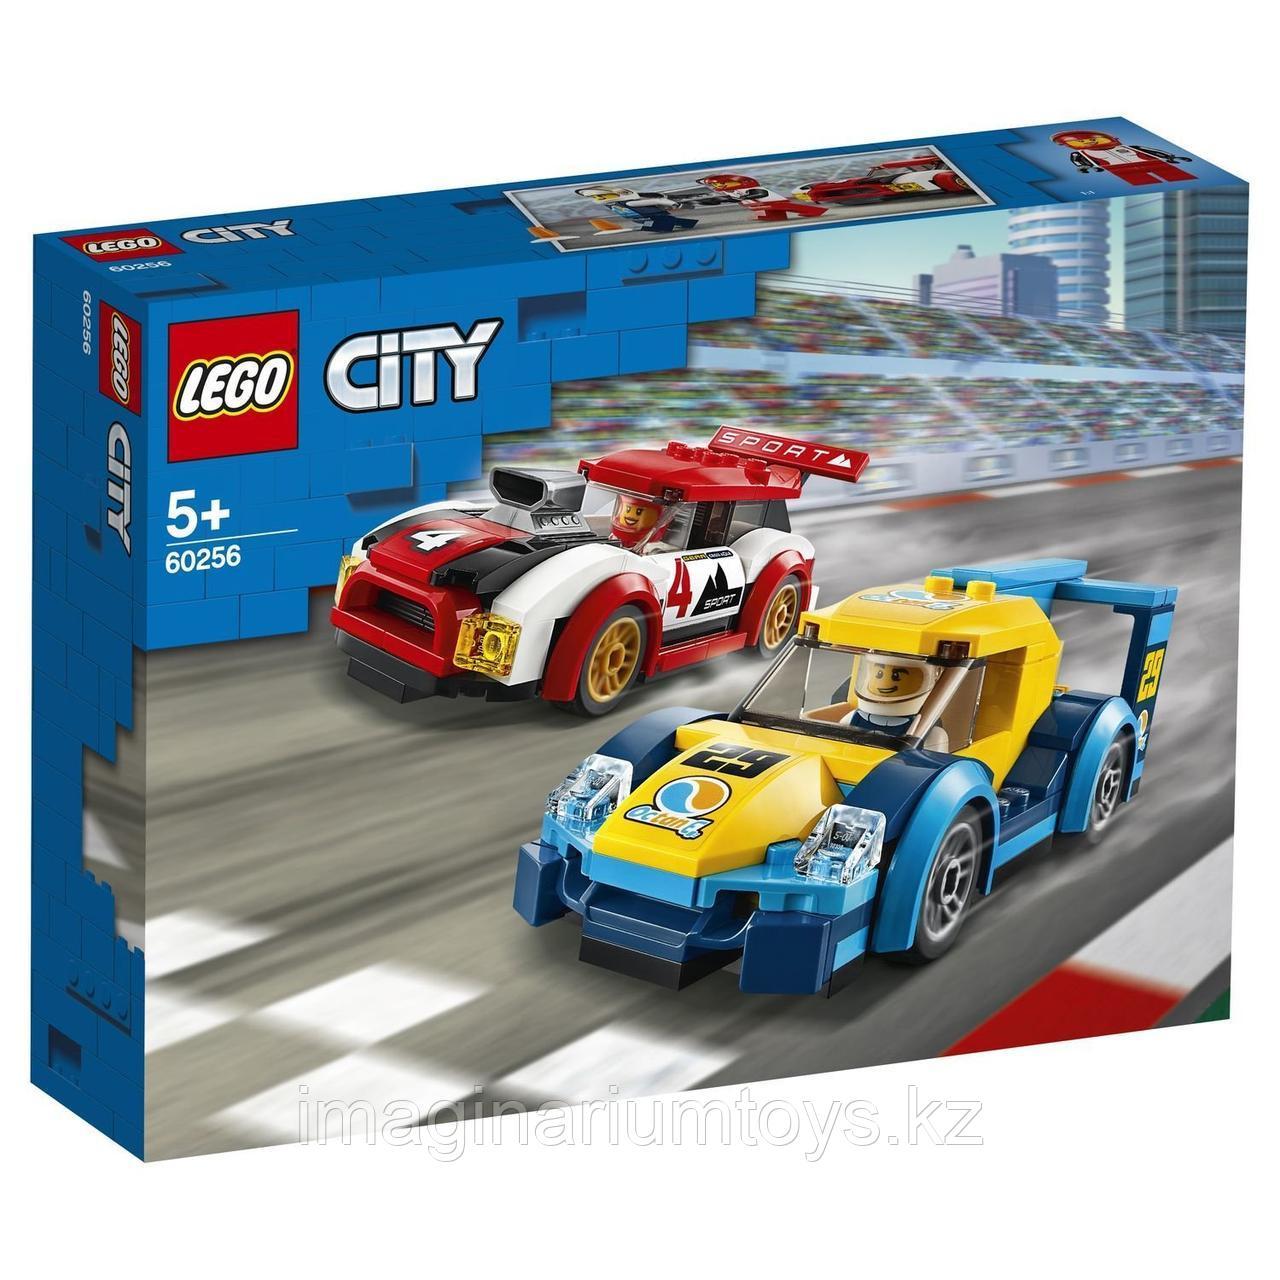 LEGO City Конструктор  Гоночные автомобили 60256